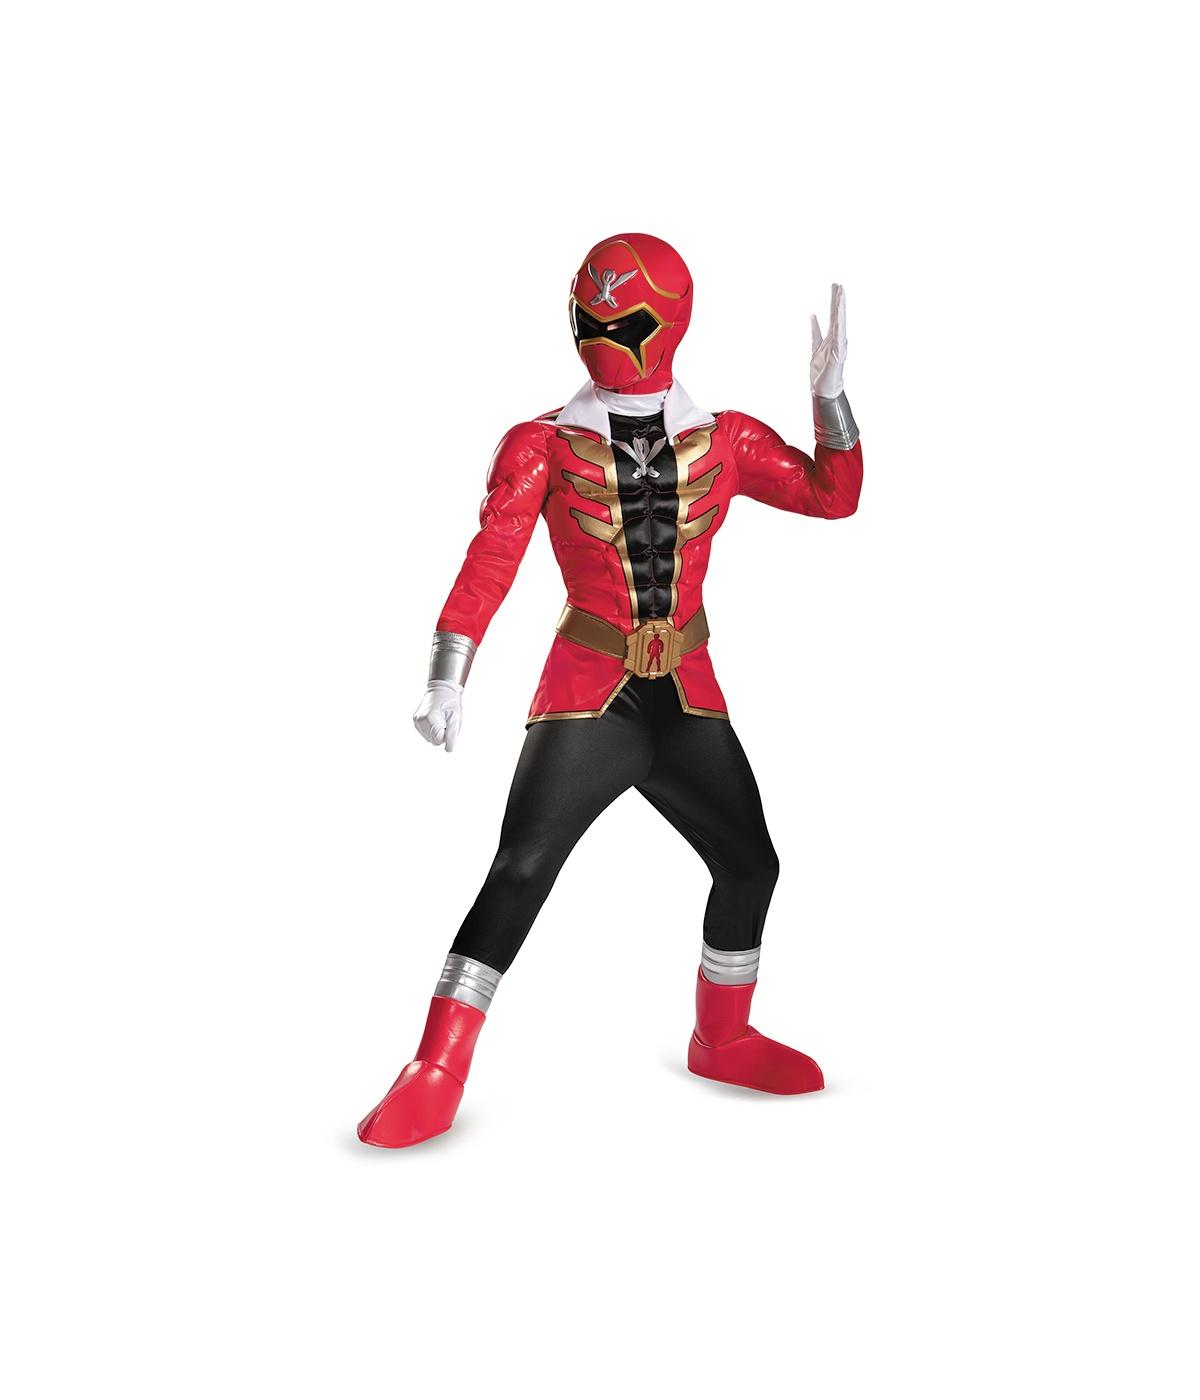 power rangers red ranger super megaforce boys costume tv. Black Bedroom Furniture Sets. Home Design Ideas